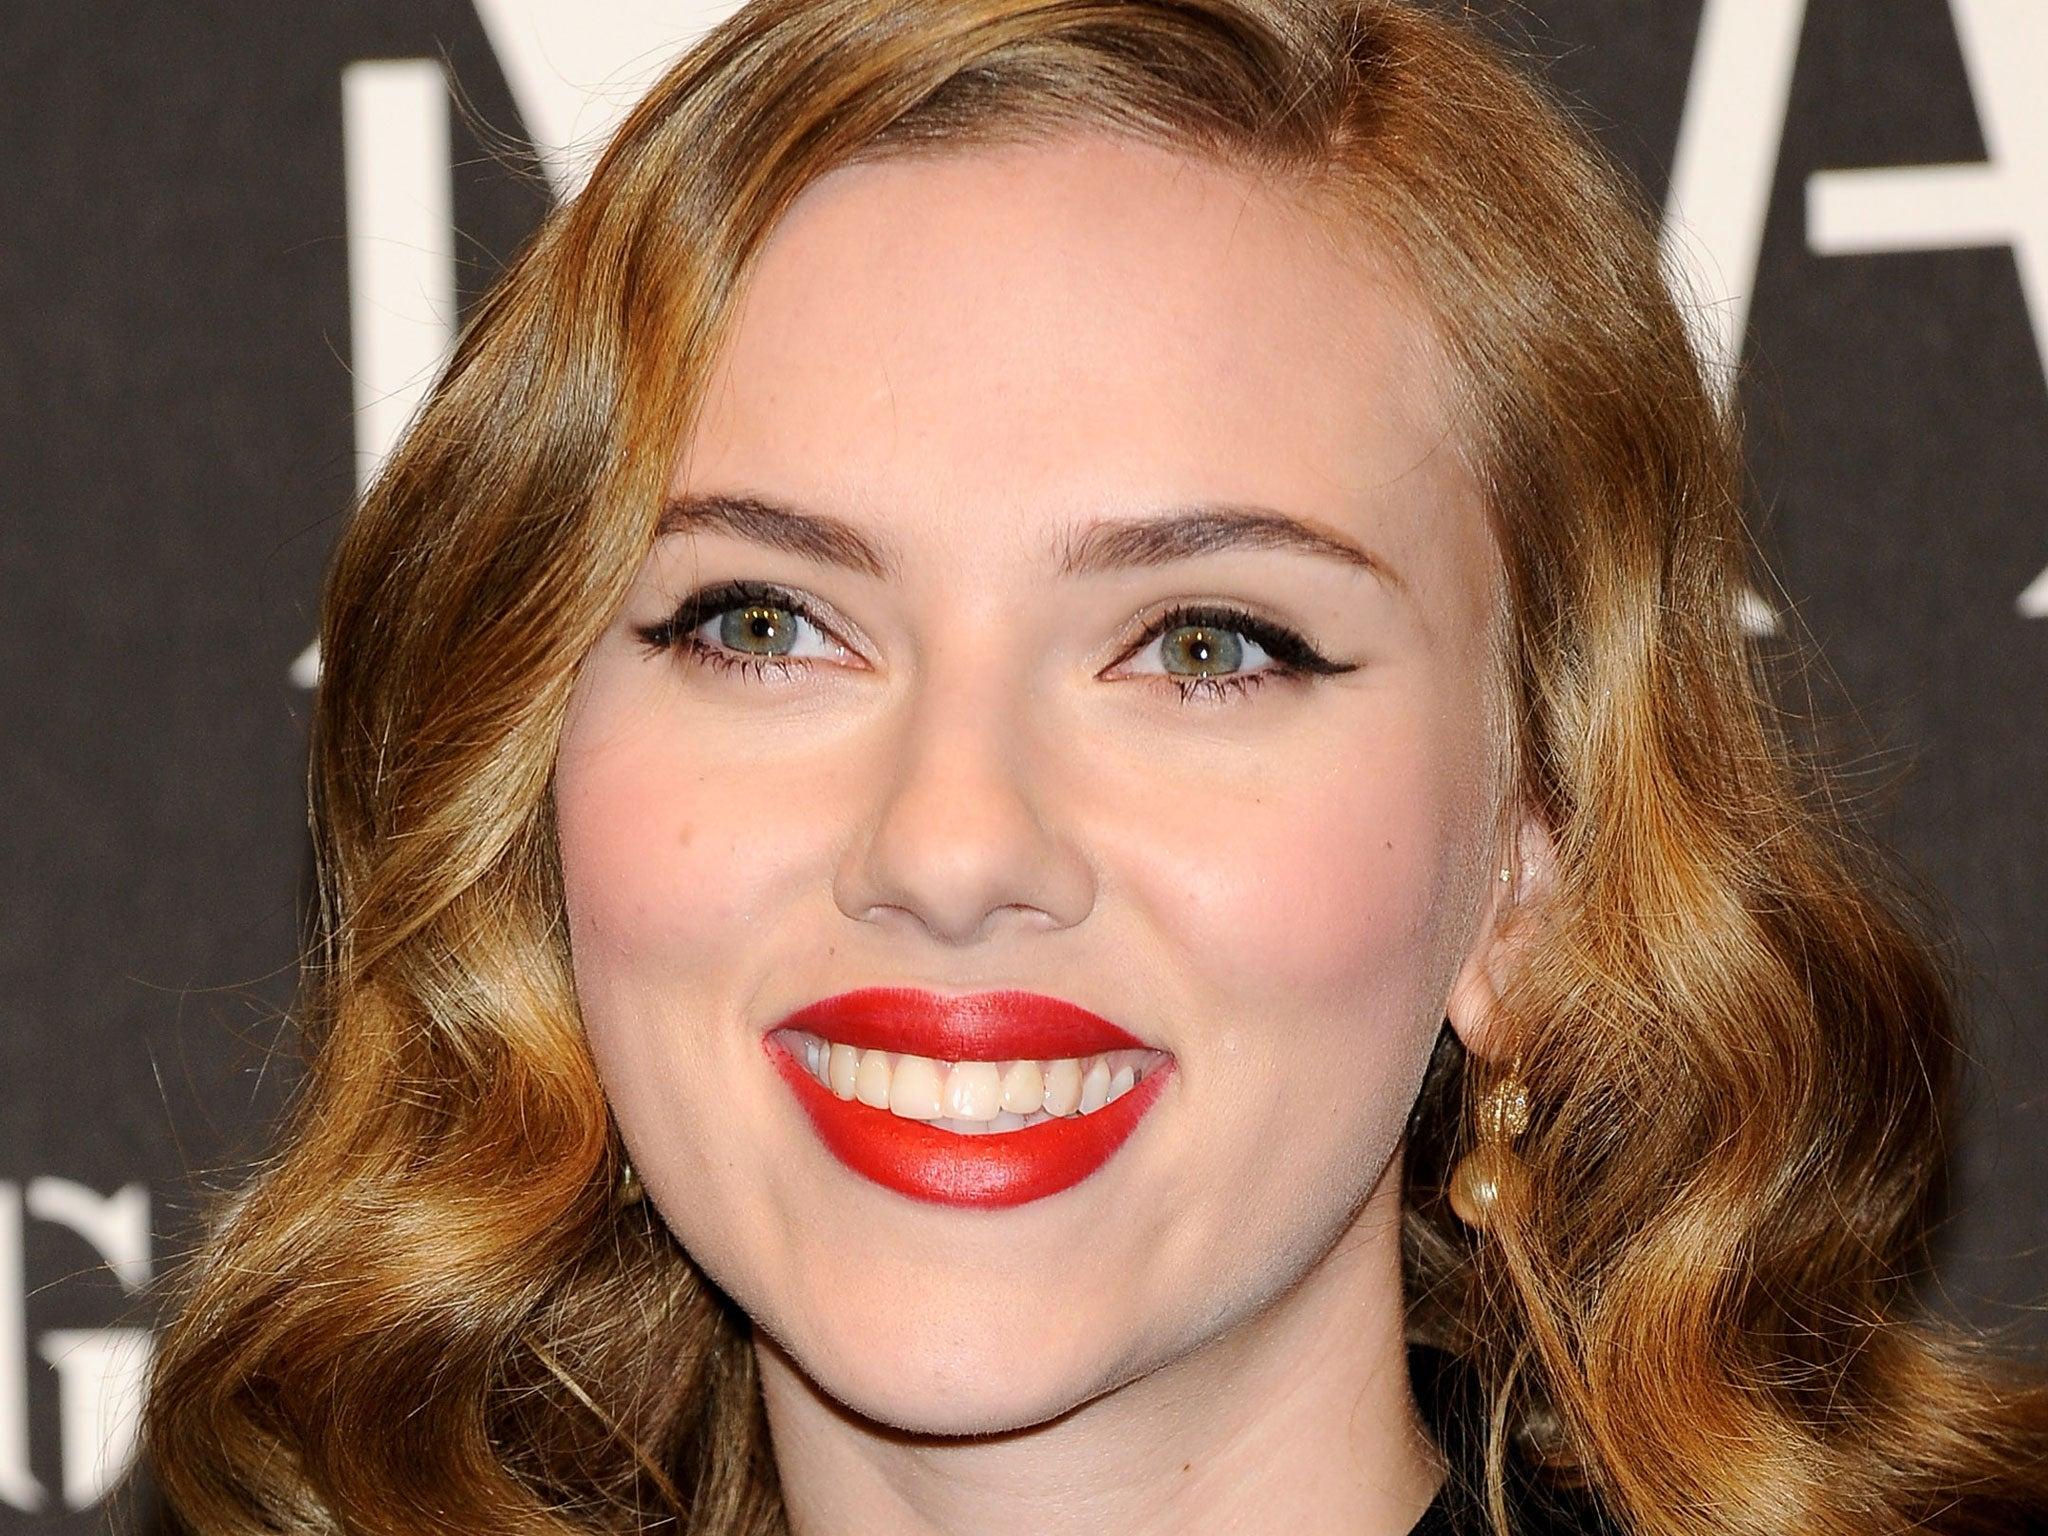 Scarlett Johansson to star in Kurt Cobain biopic